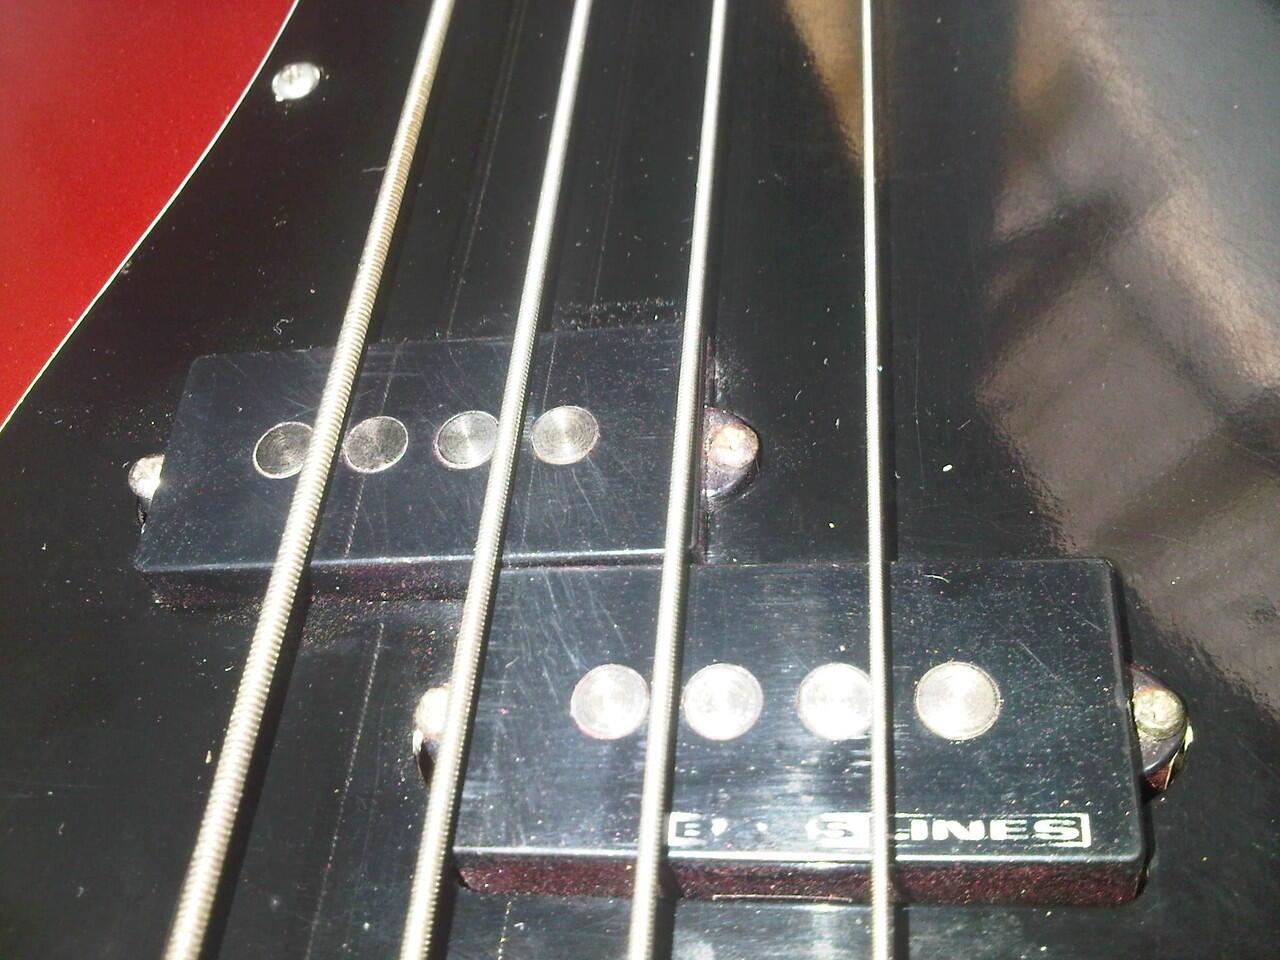 Squier Fender Precision Made in Korea tahun 1994 Sound Ganaaas Mantaaap !!!